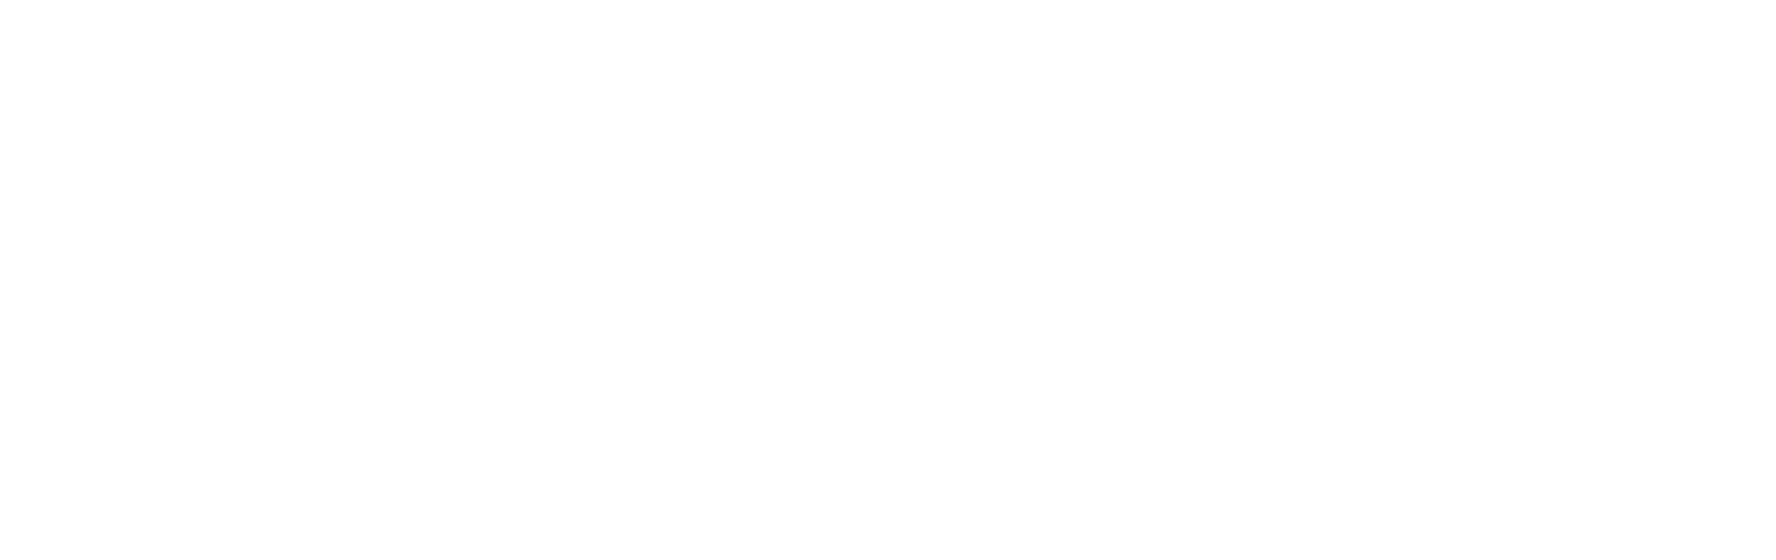 Keoken Interactive logo white.png